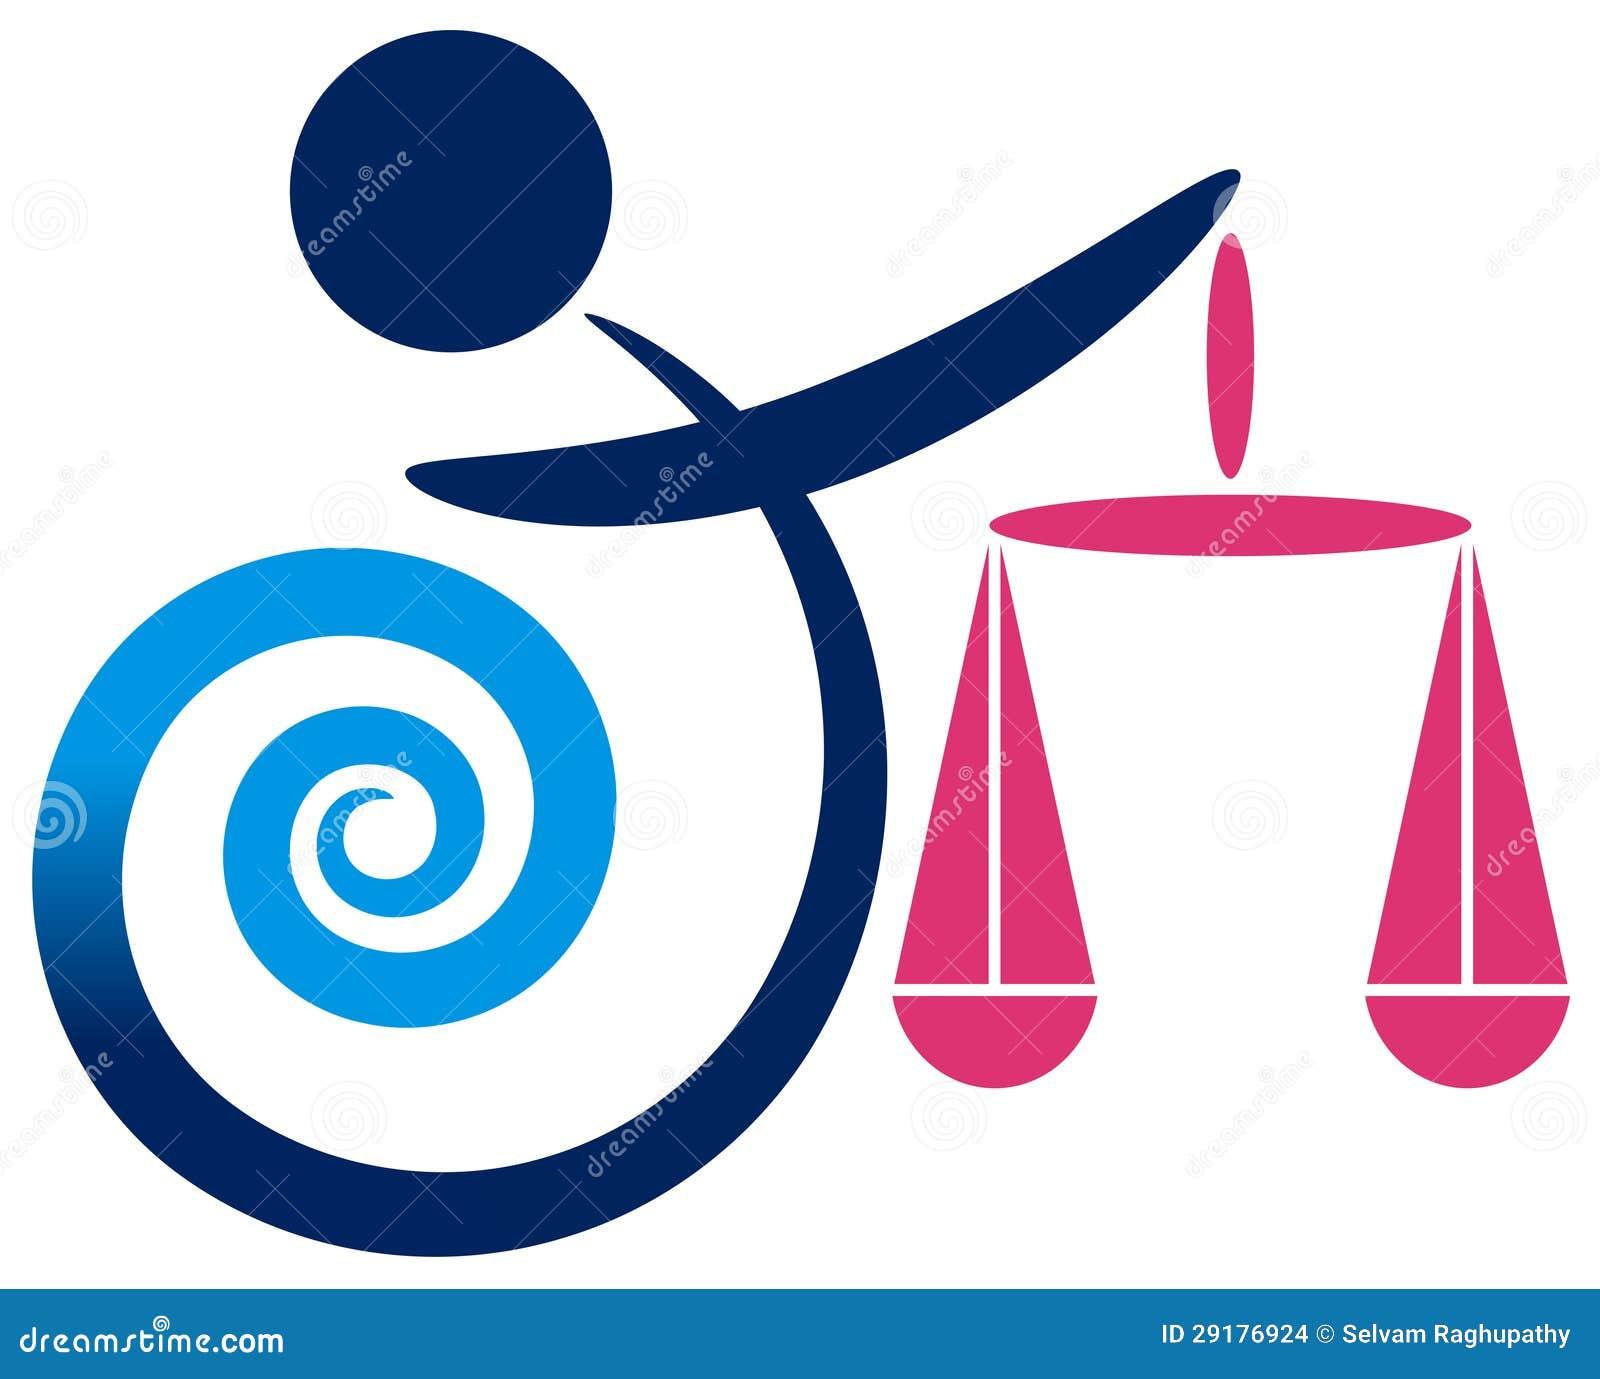 Balance Logo Stock Images - Image: 29176924